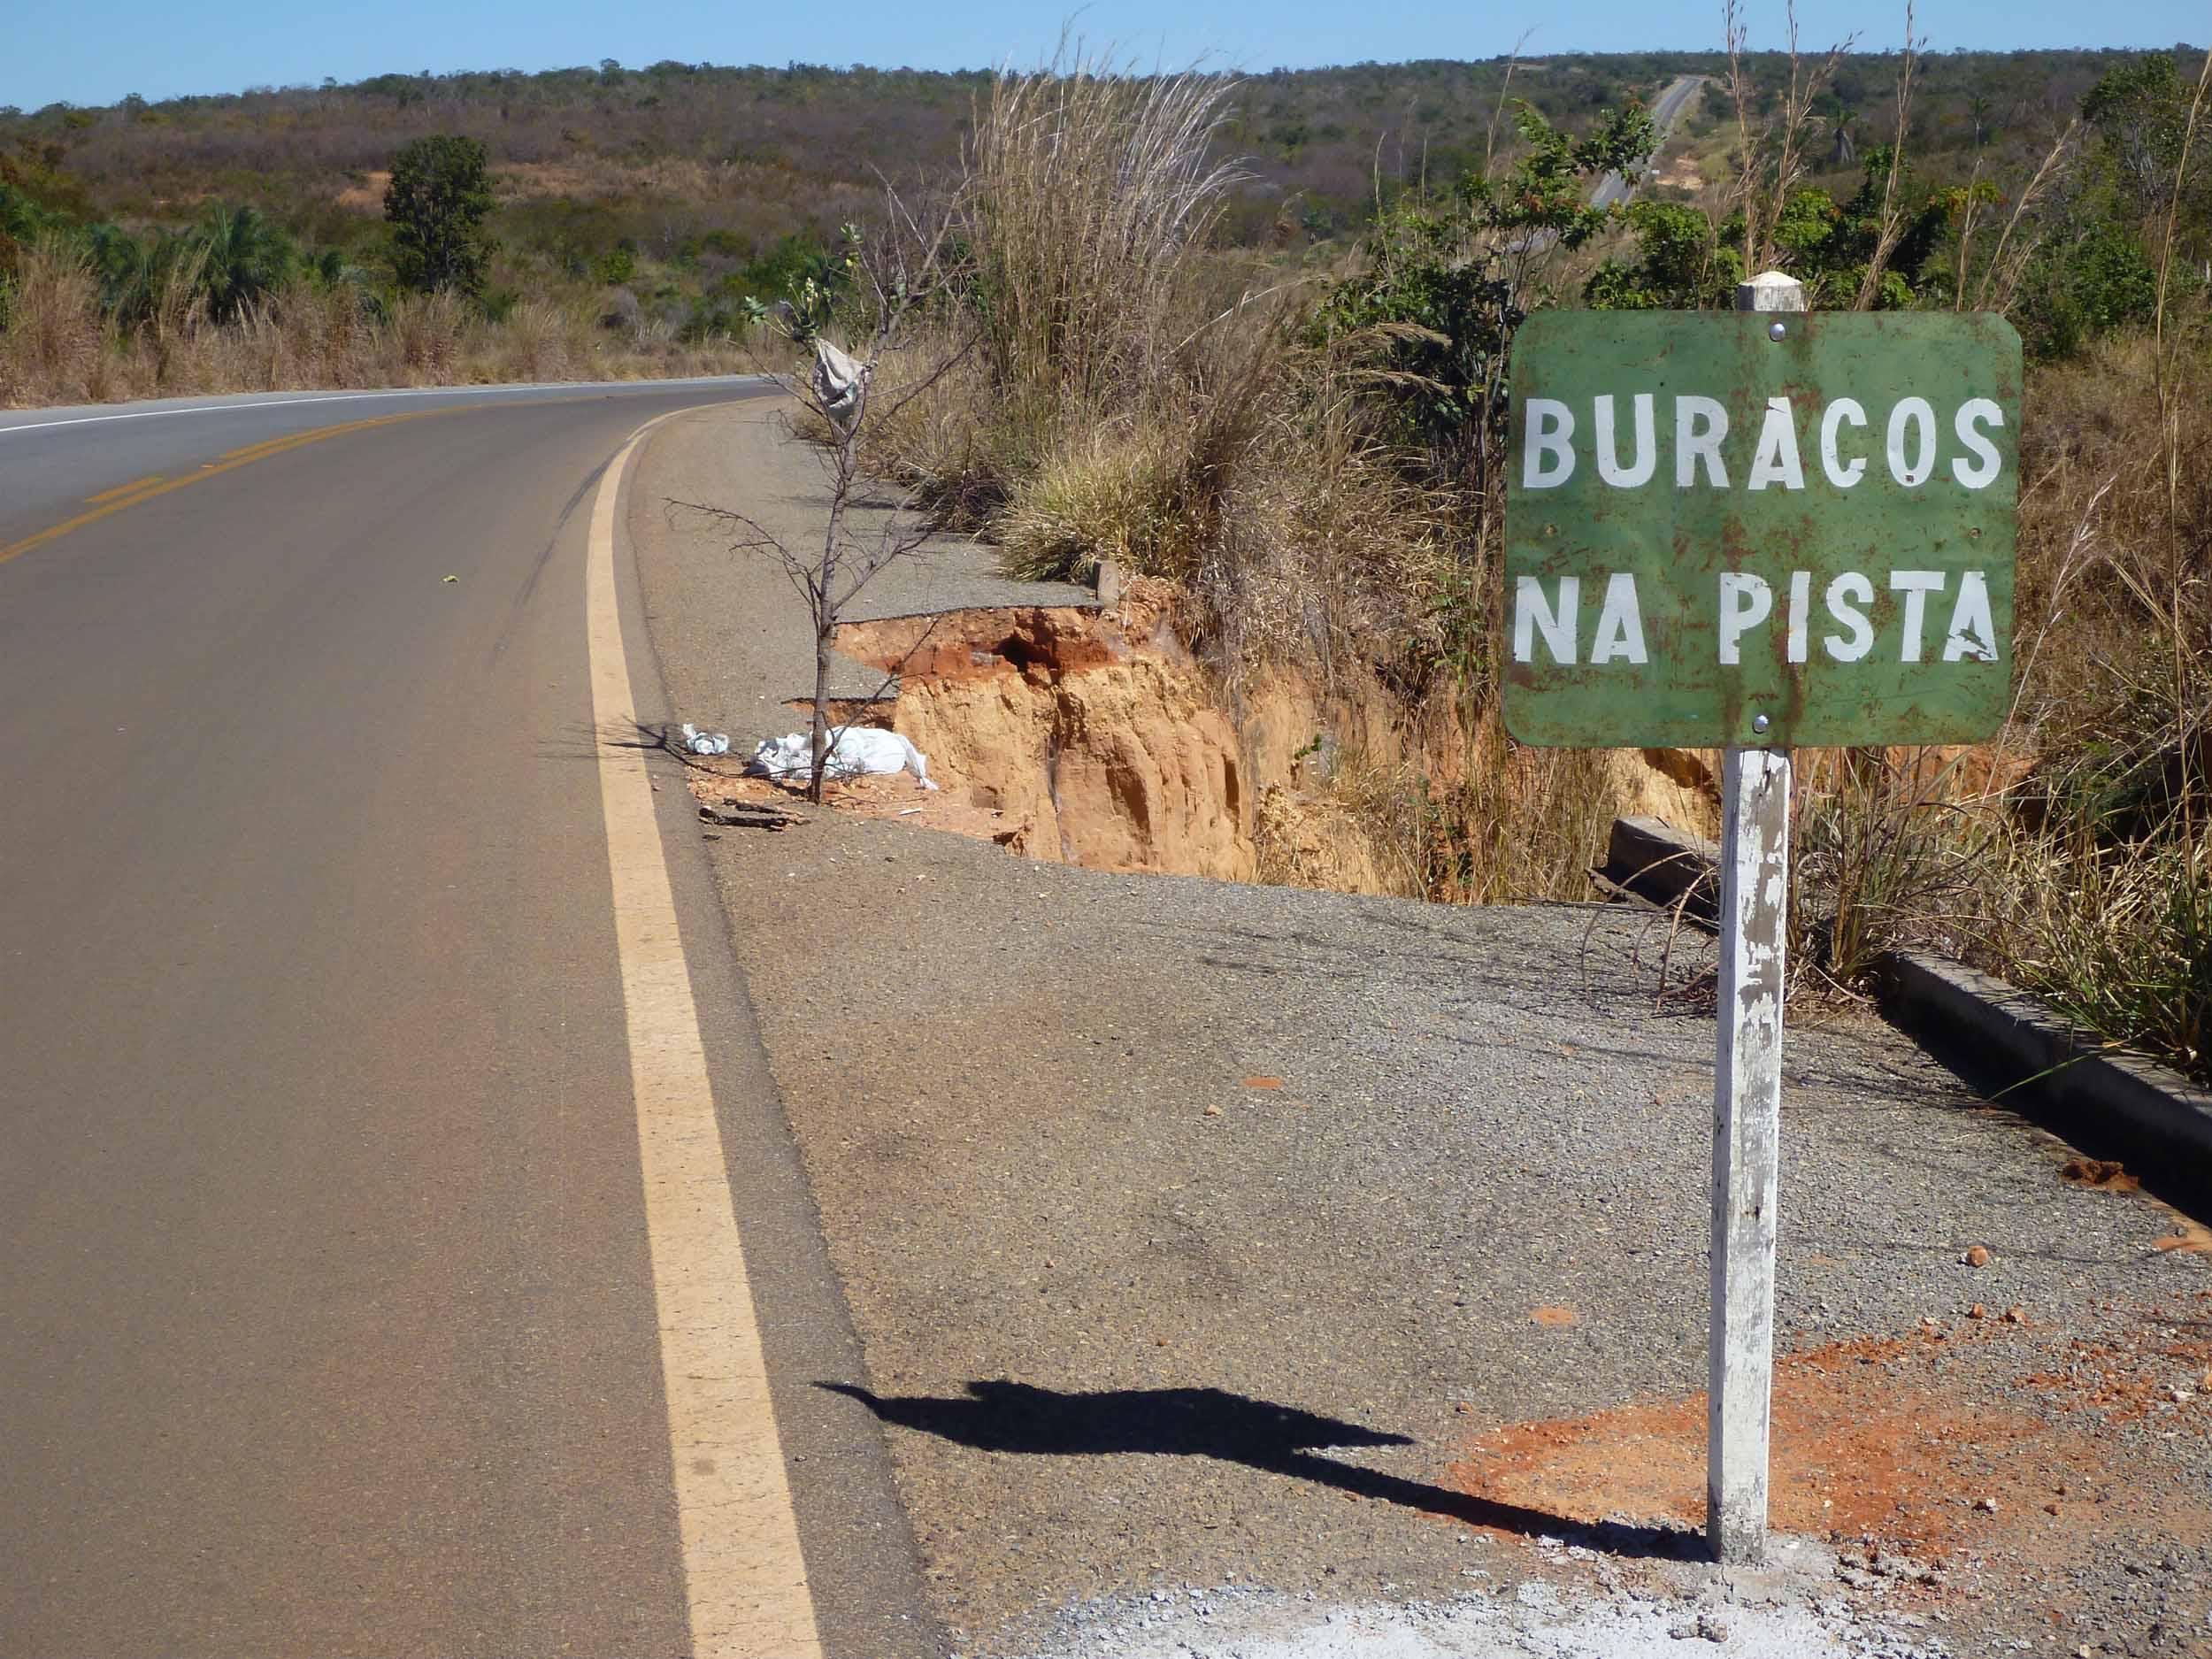 Trecho da rodovia BR-135, na Bahia: maior parte das estradas brasileiras apresentam problemas (Divlugação CNT)